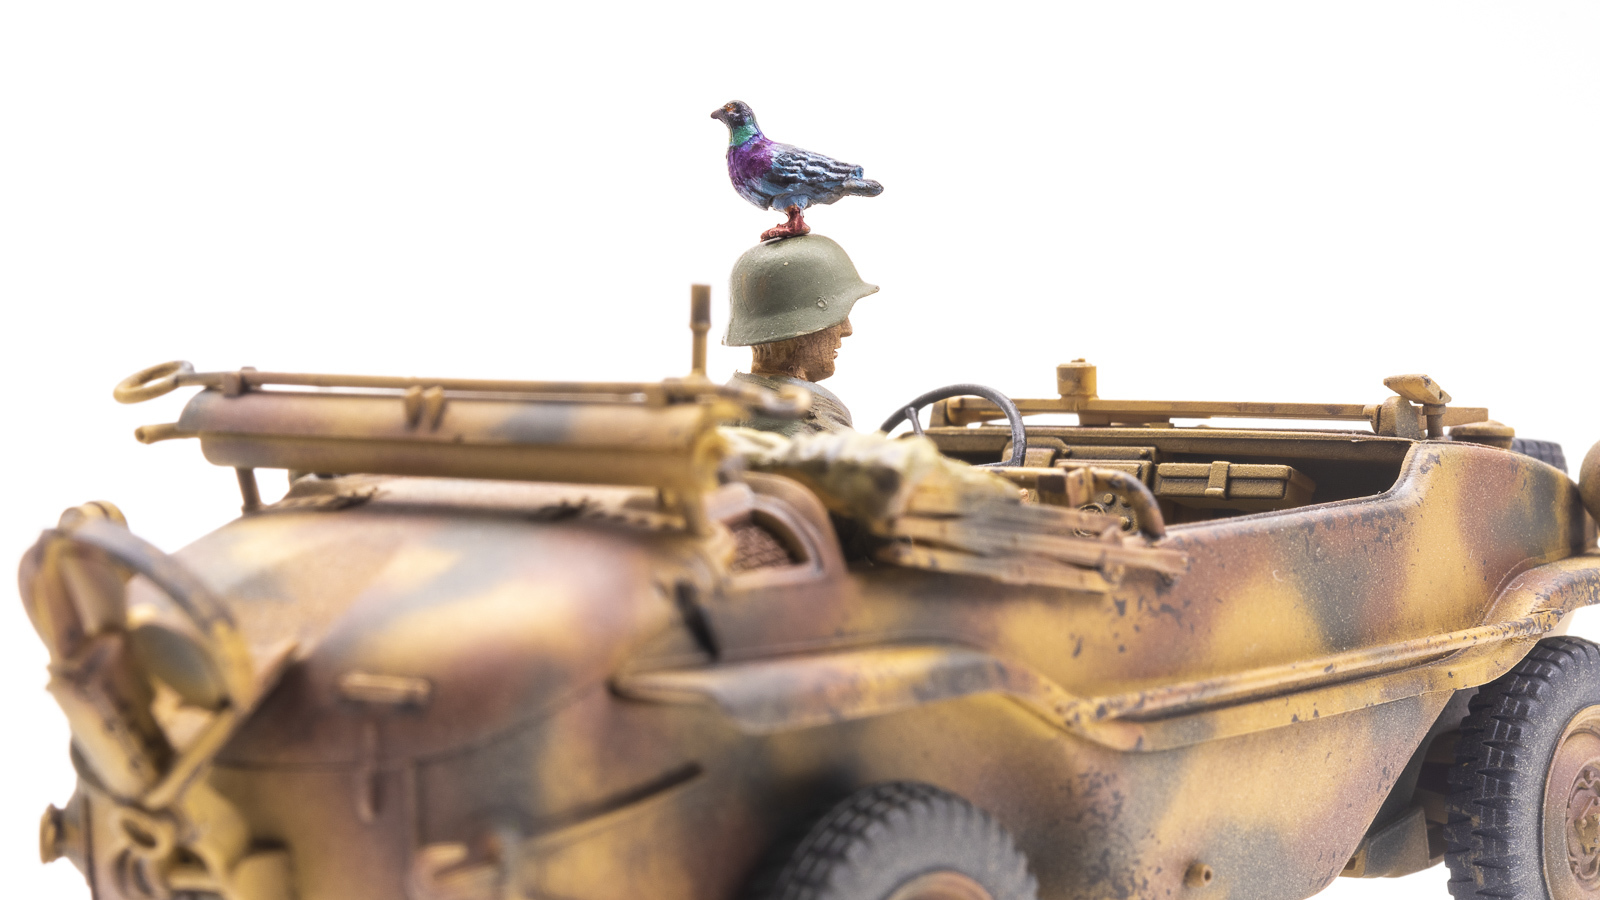 「鳩のプラモデル」のある土曜日。_b0029315_23133821.jpg